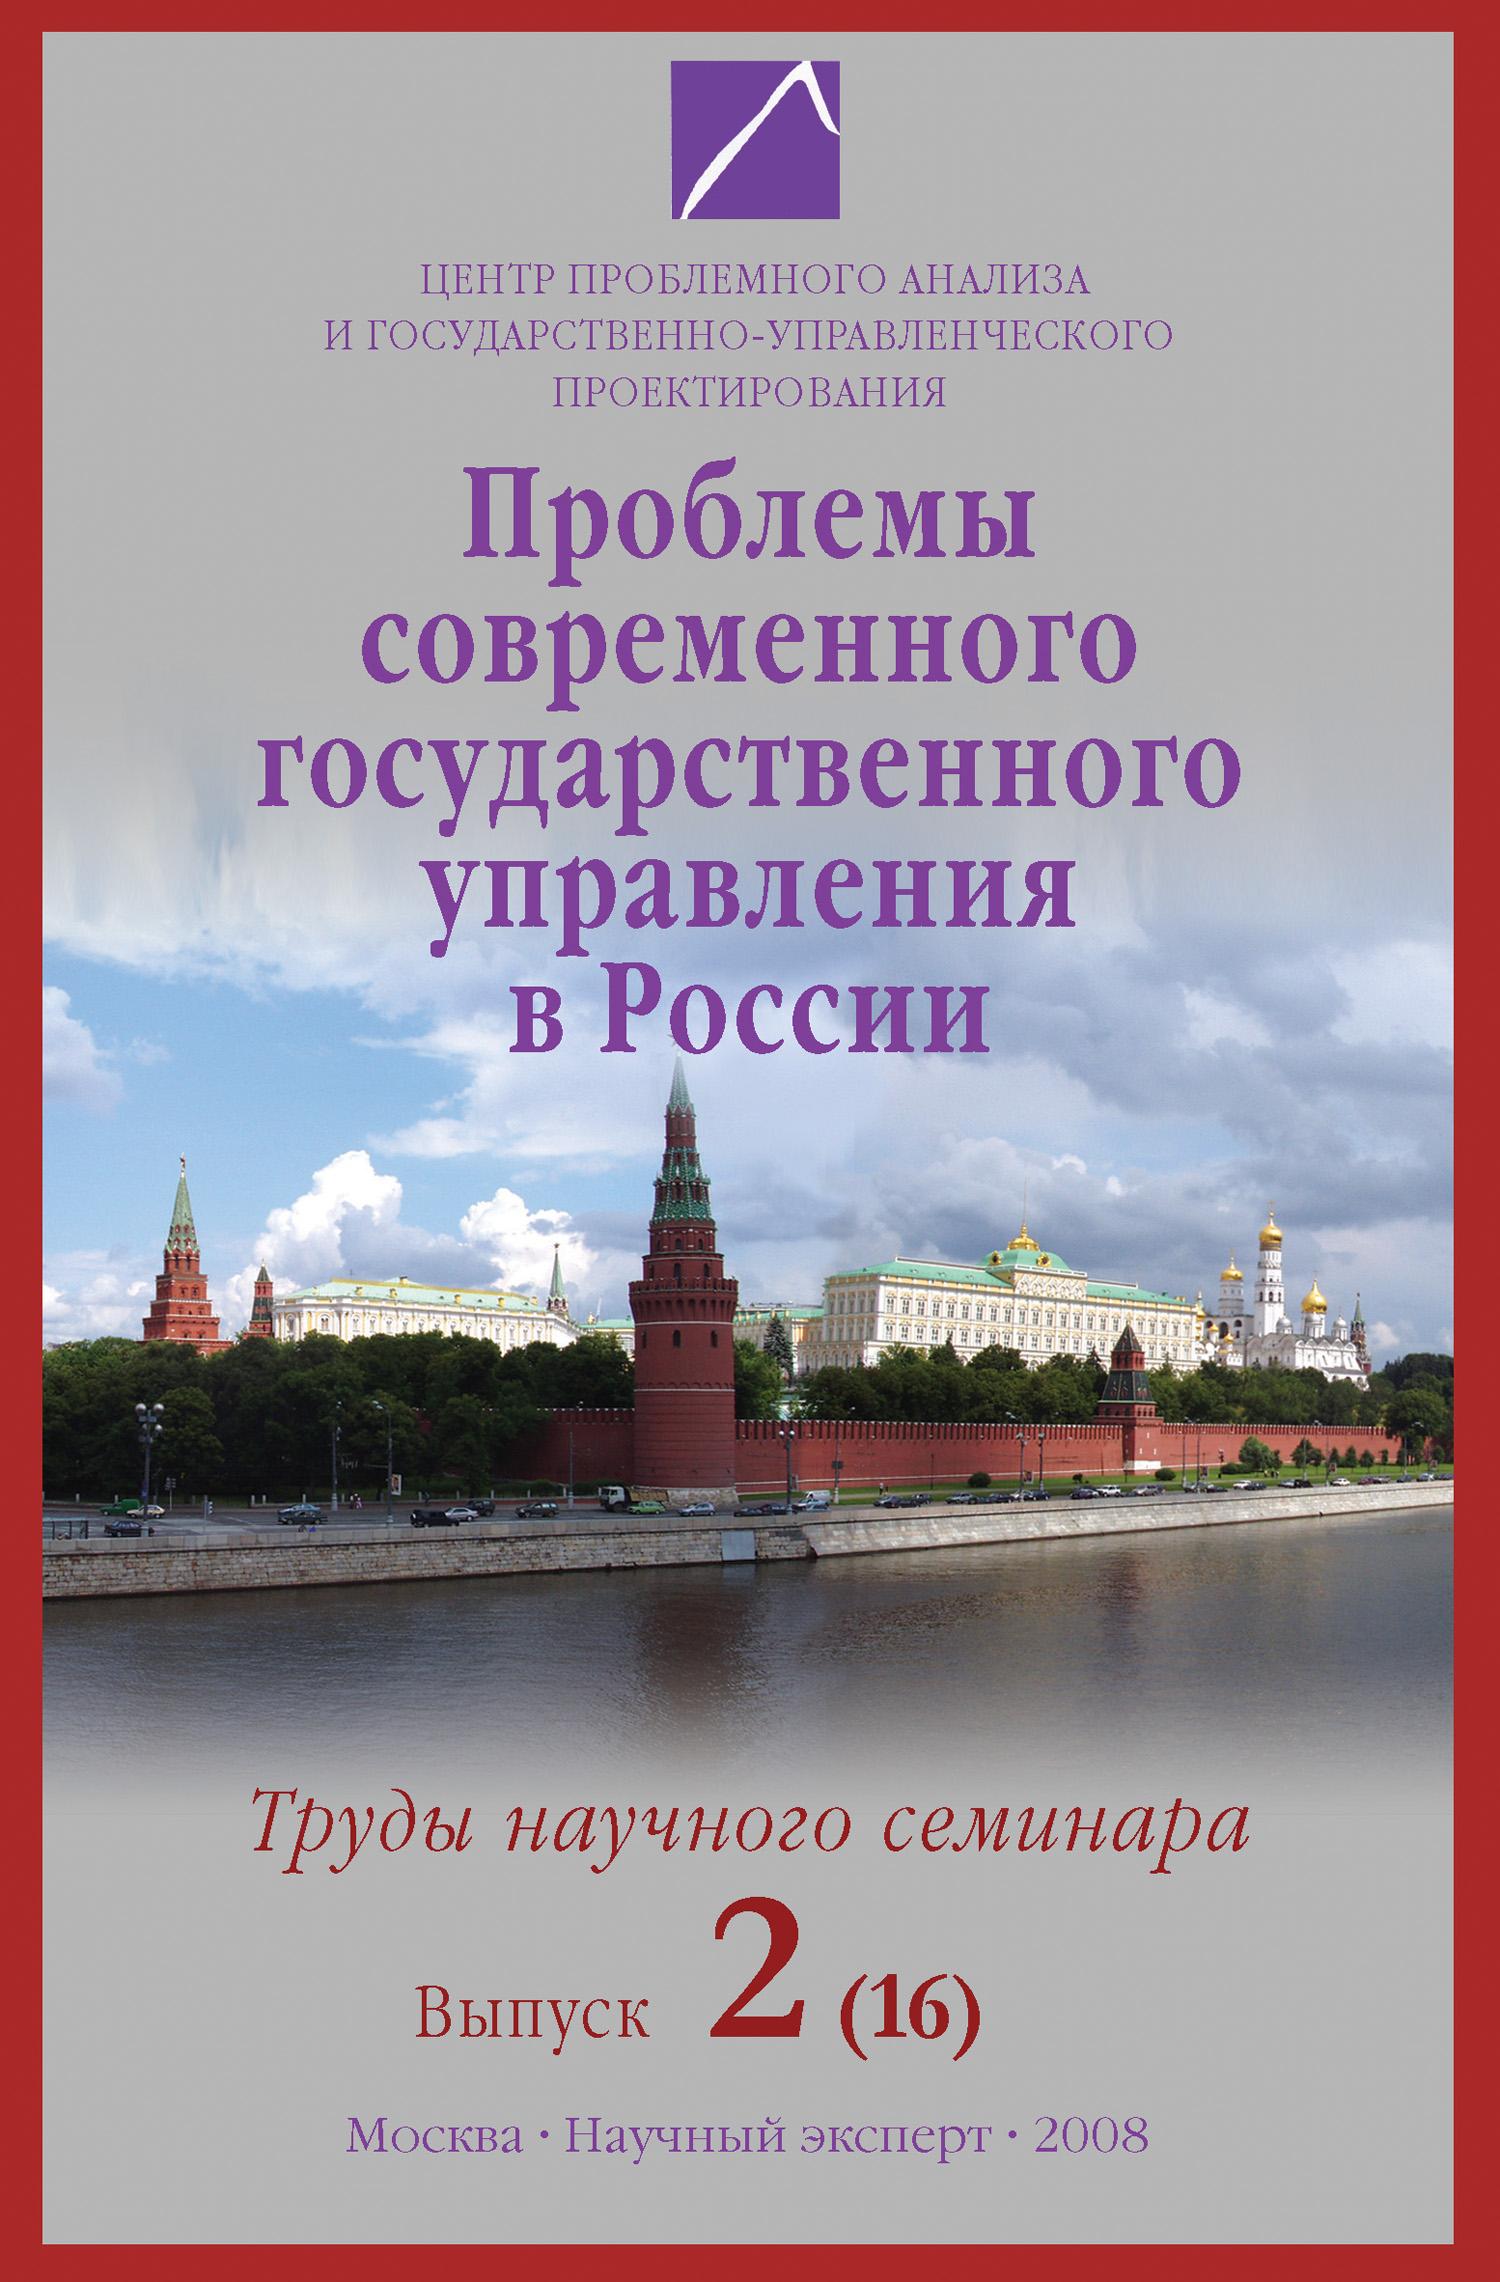 Проблемы современного государственного управления в России. Выпуск №2 (16), 2008